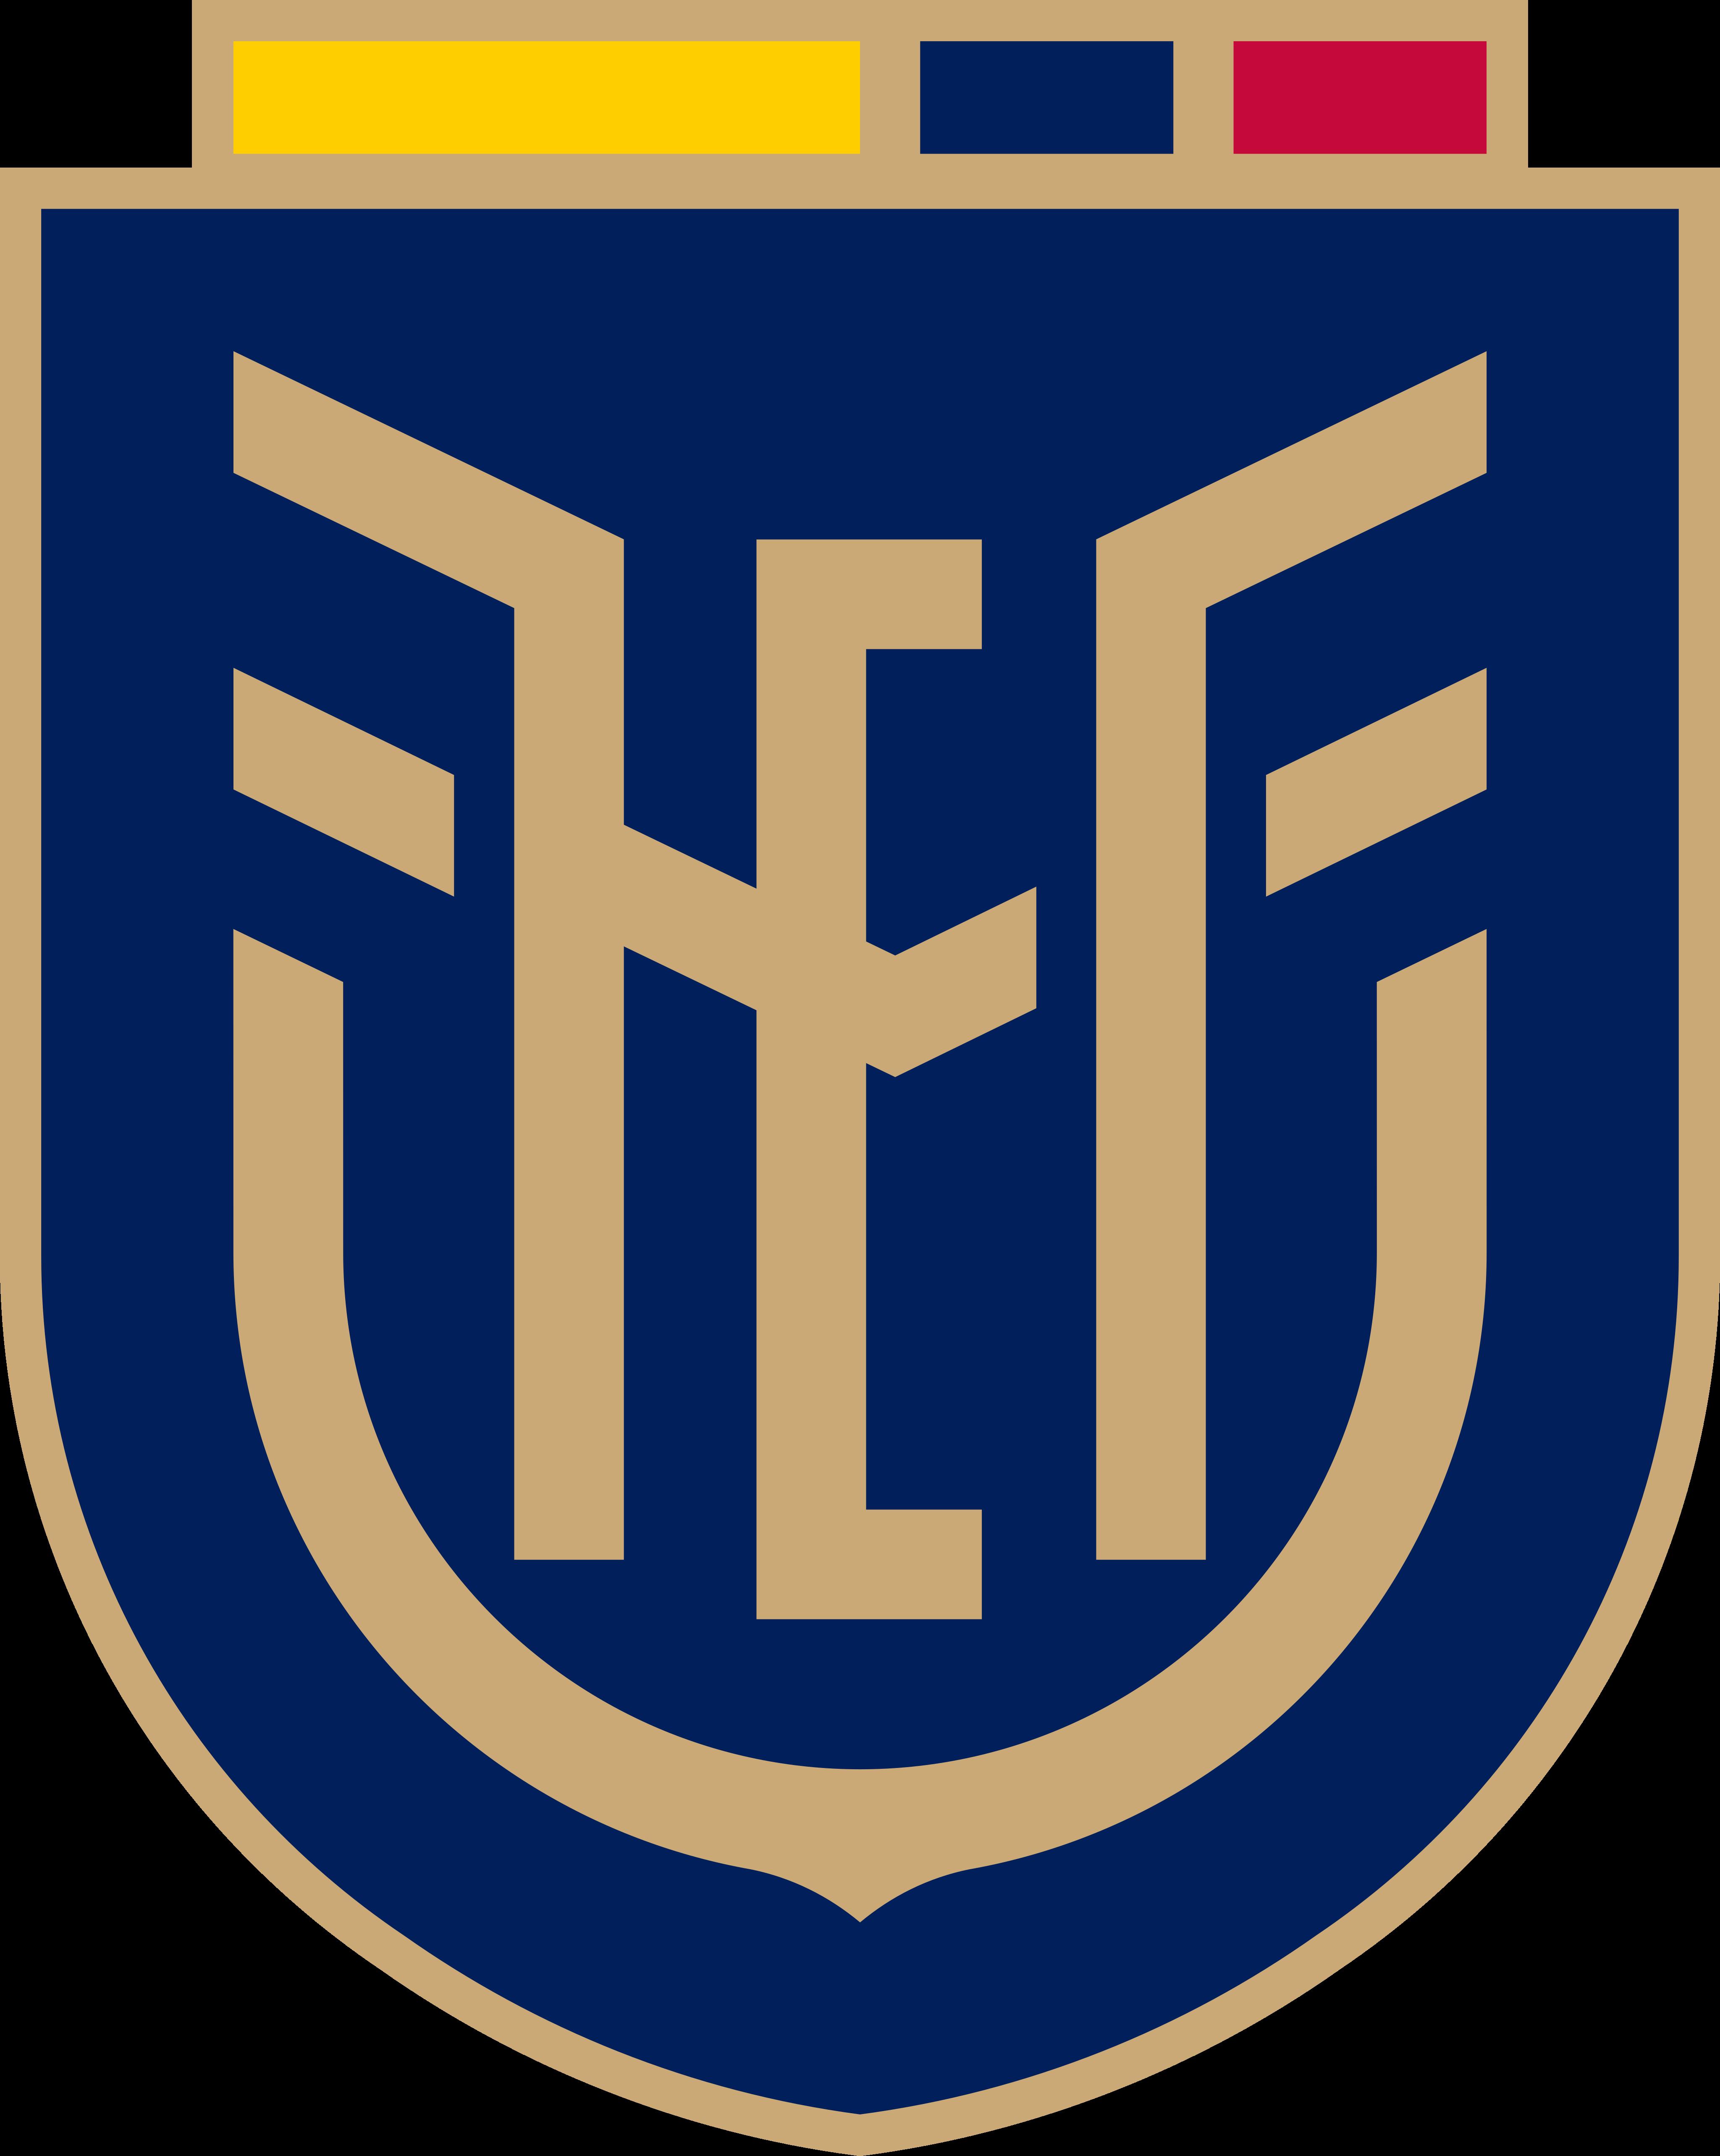 fef seleccion ecuador logo 1 - FEF Logo - Seleção do Equador de Futebol Logo